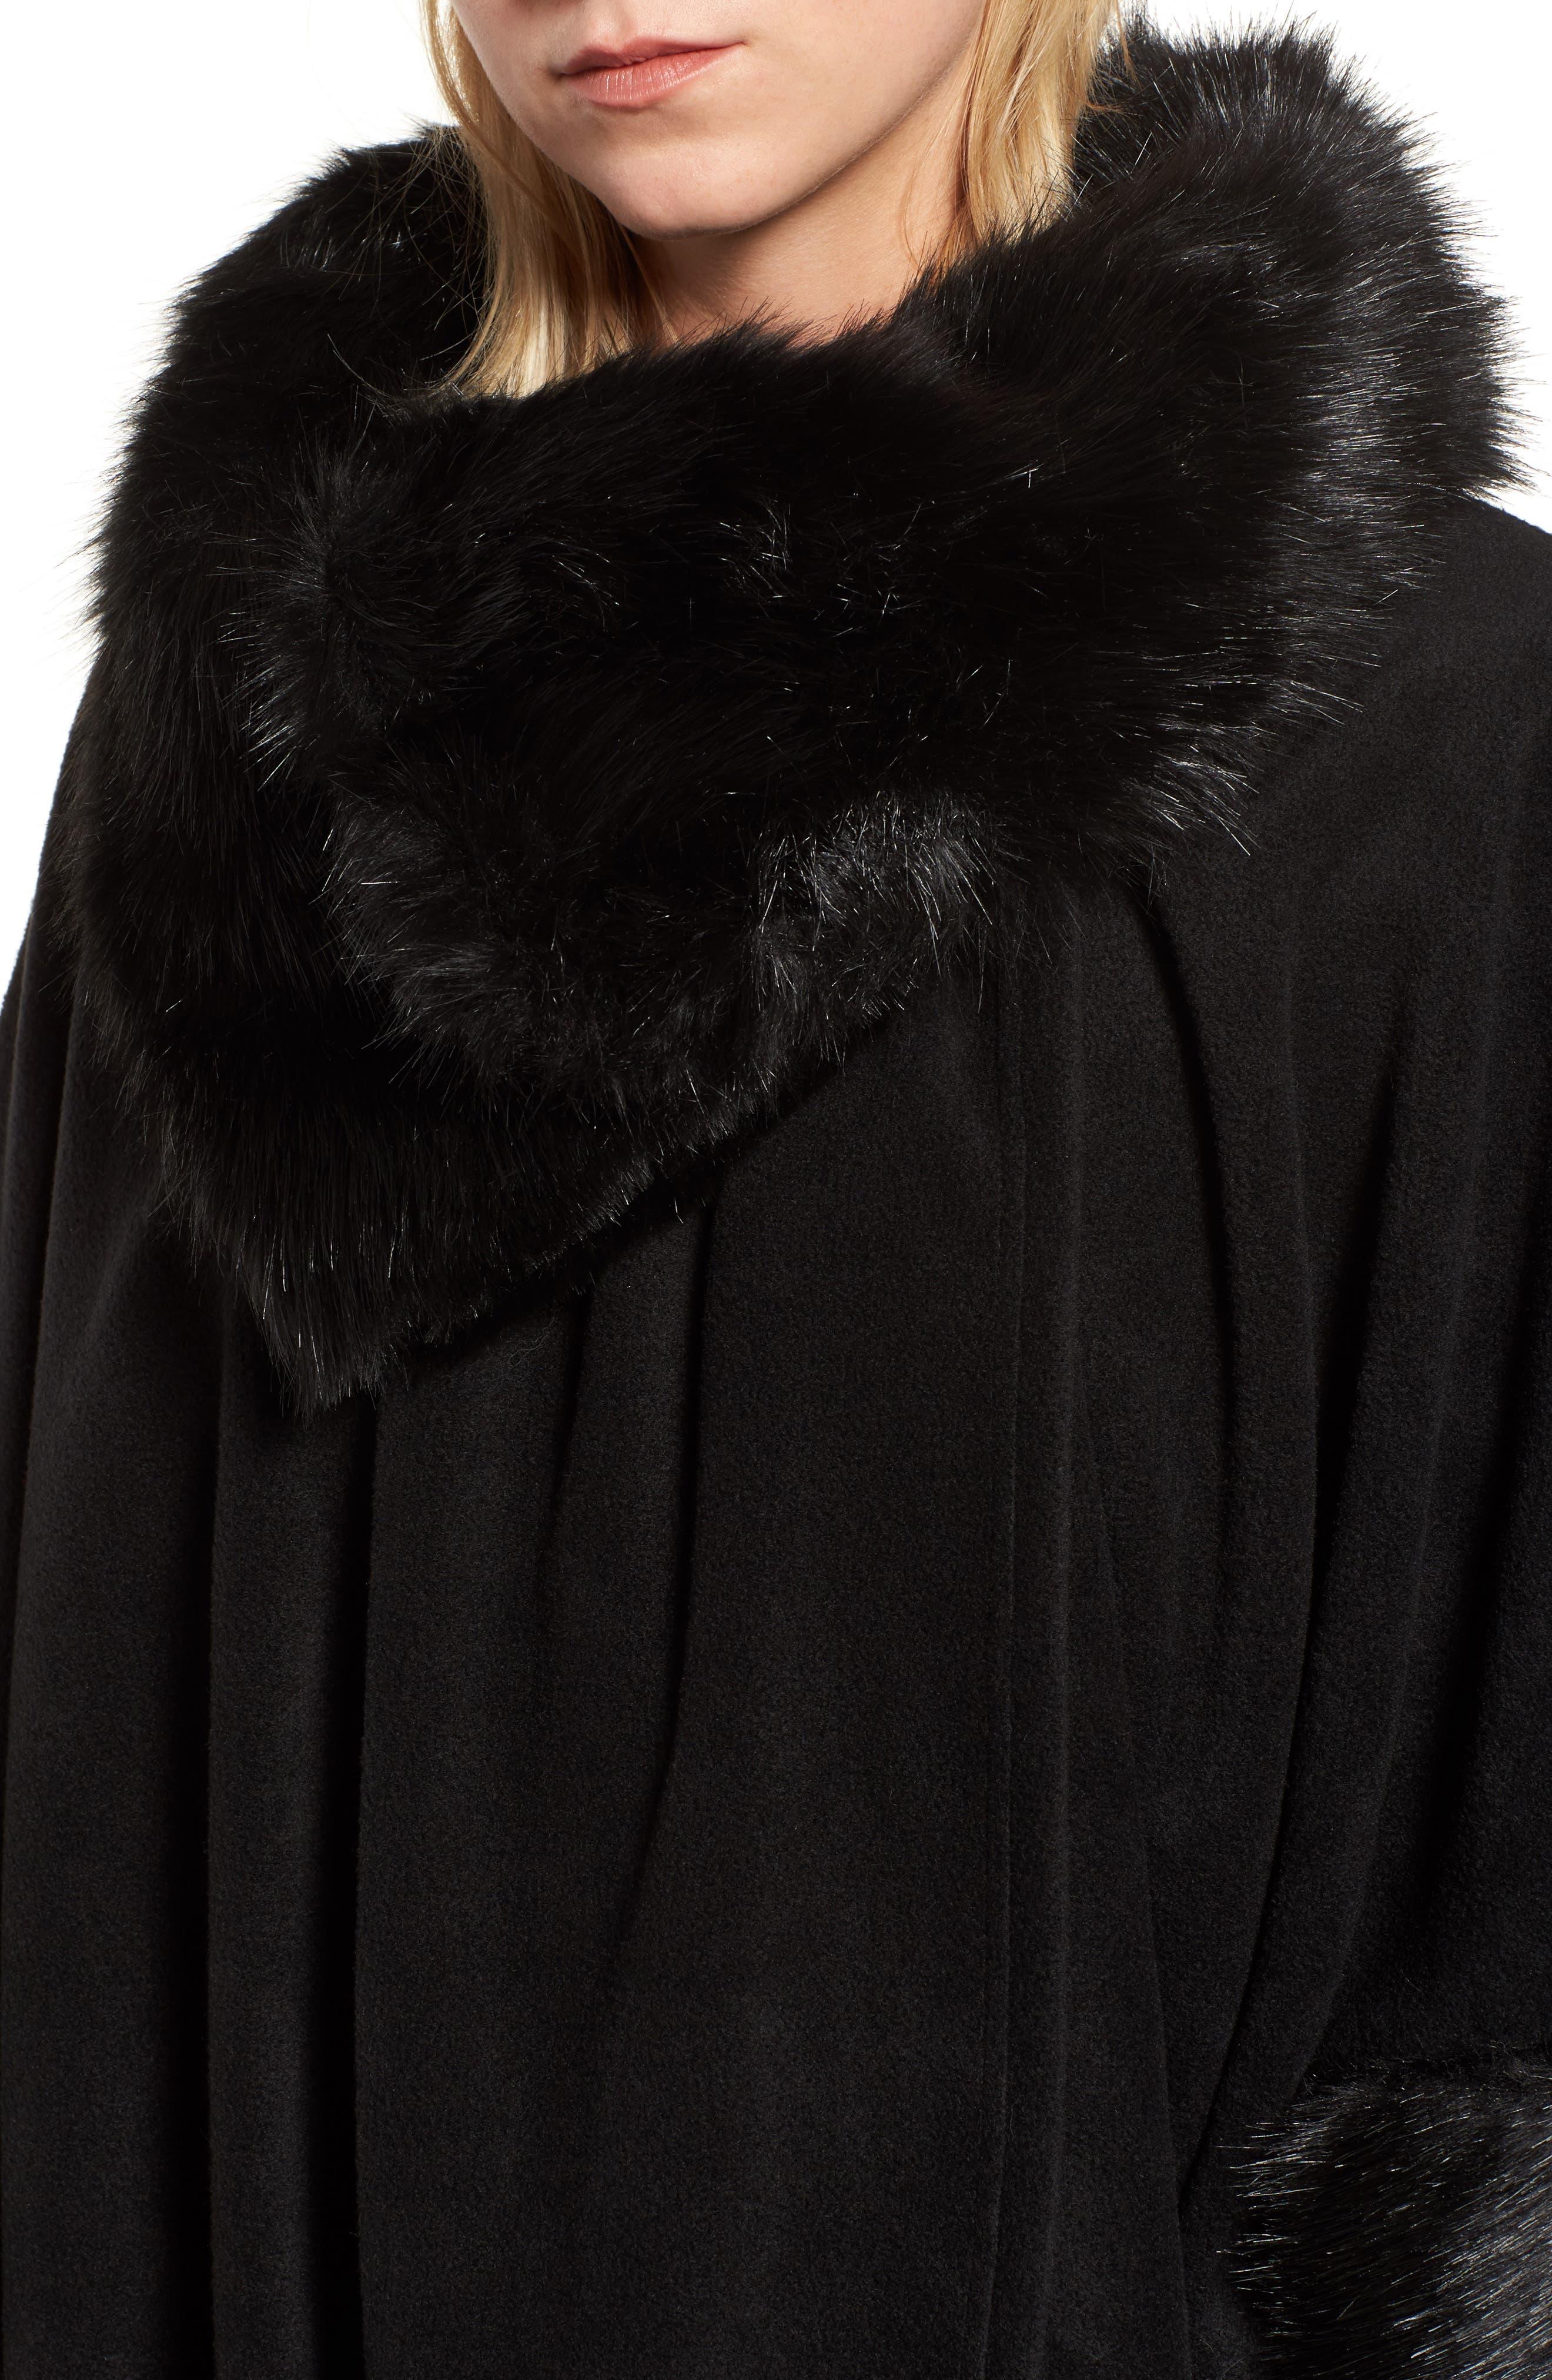 Chelsea Cape with Faux Fur Trim,                             Alternate thumbnail 4, color,                             001